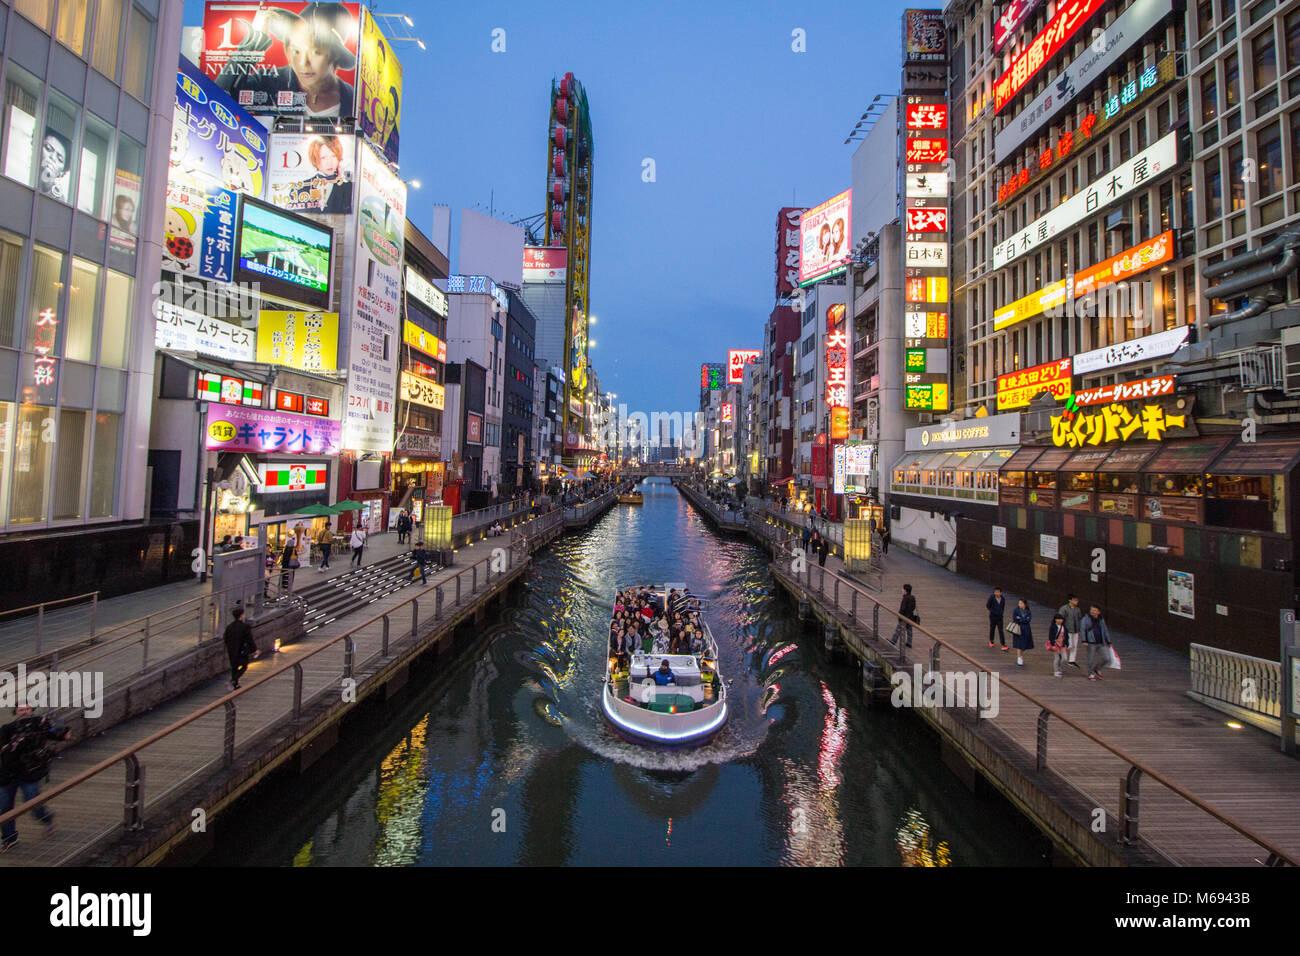 A primera hora de la noche la vida nocturna en la concurrida zona alrededor de Dotonbori, Osaka, Japón Imagen De Stock